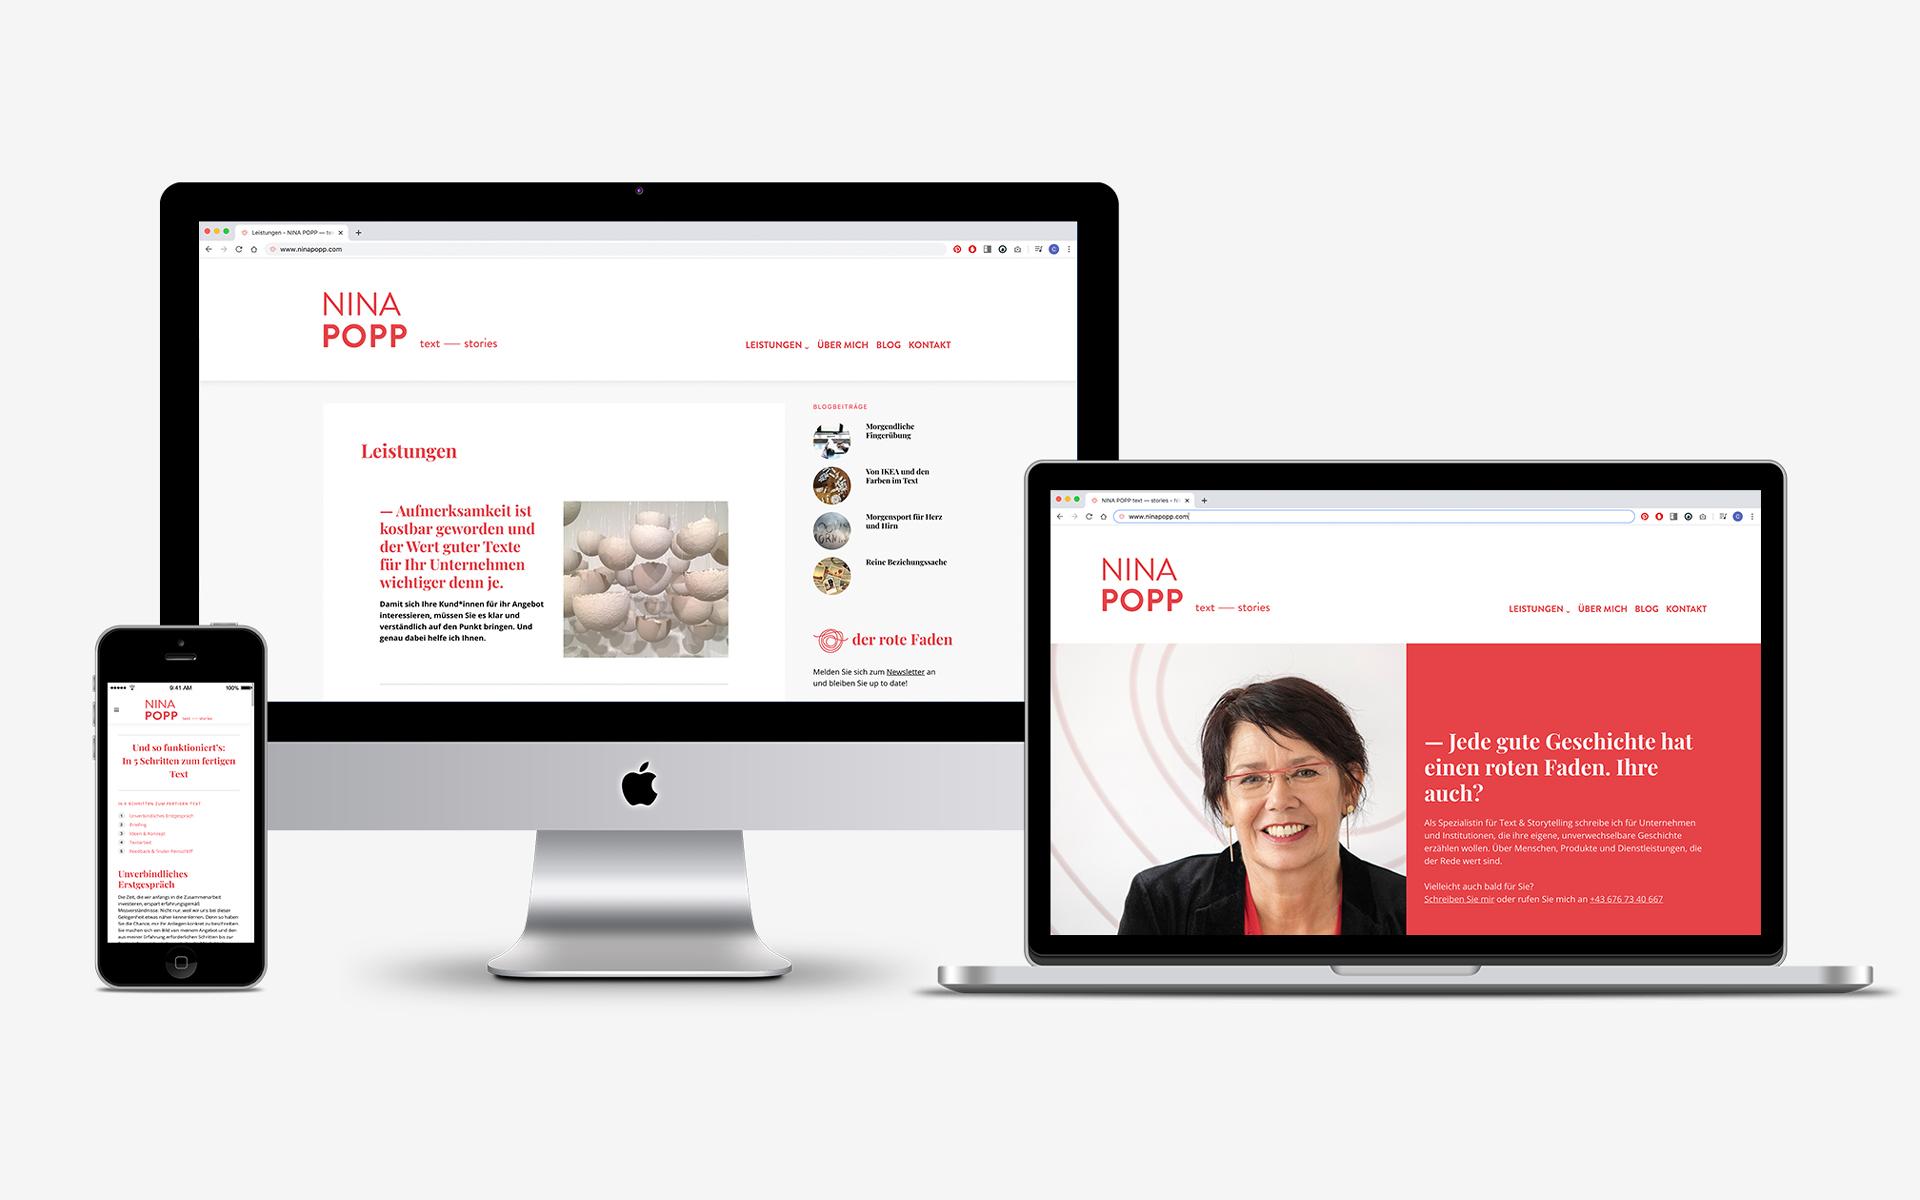 Website für die Texterin Nina Popp von look! design im Rahmen vom Redesign ihrer Marke